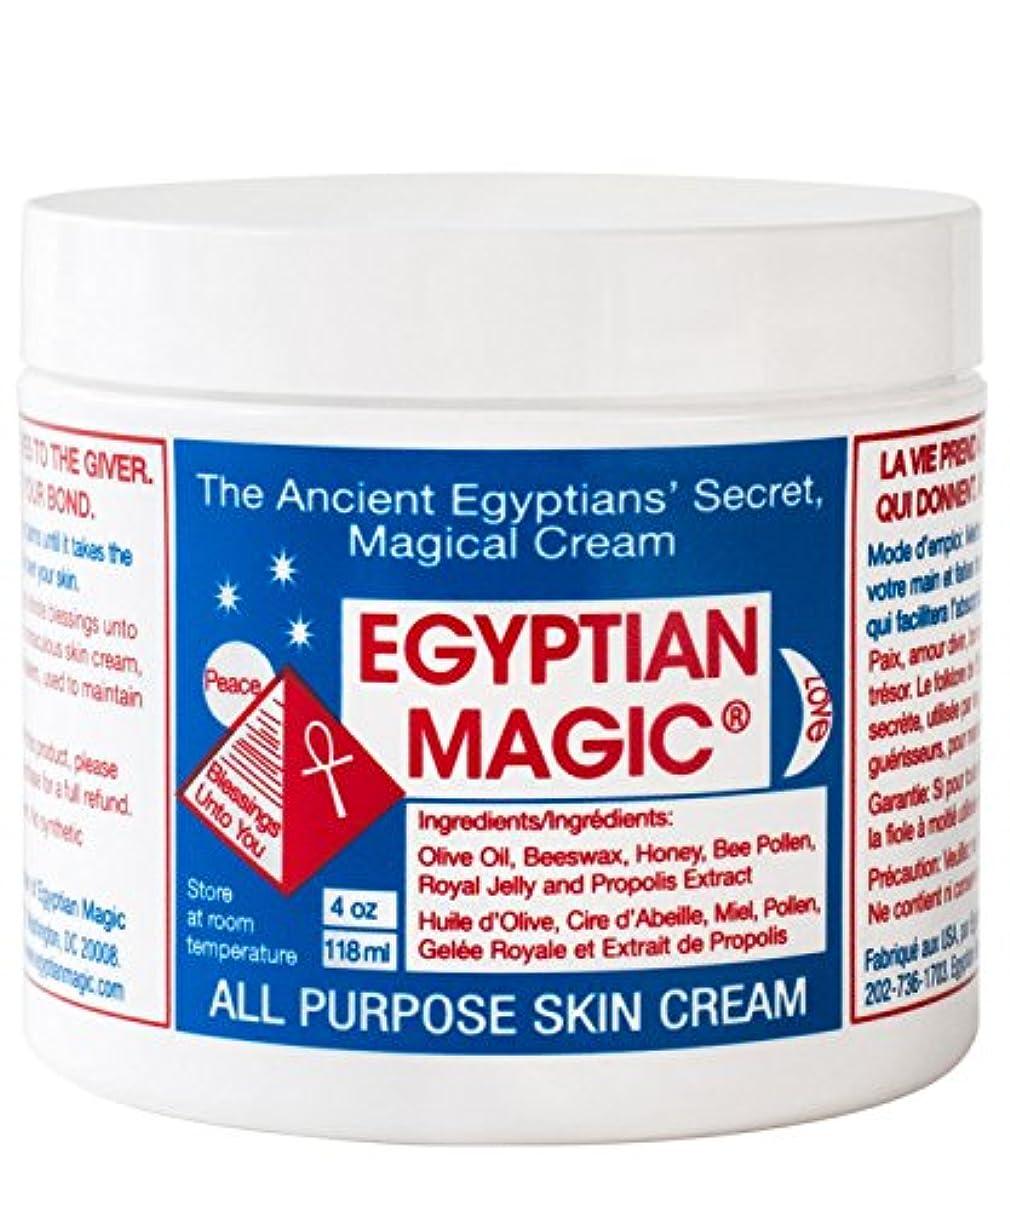 デザート誰かクラウドEgyptian Magic All Purpose Skin Cream 118ml (Pack of 6) - エジプトの魔法の万能スキンクリーム118ミリリットル x6 [並行輸入品]